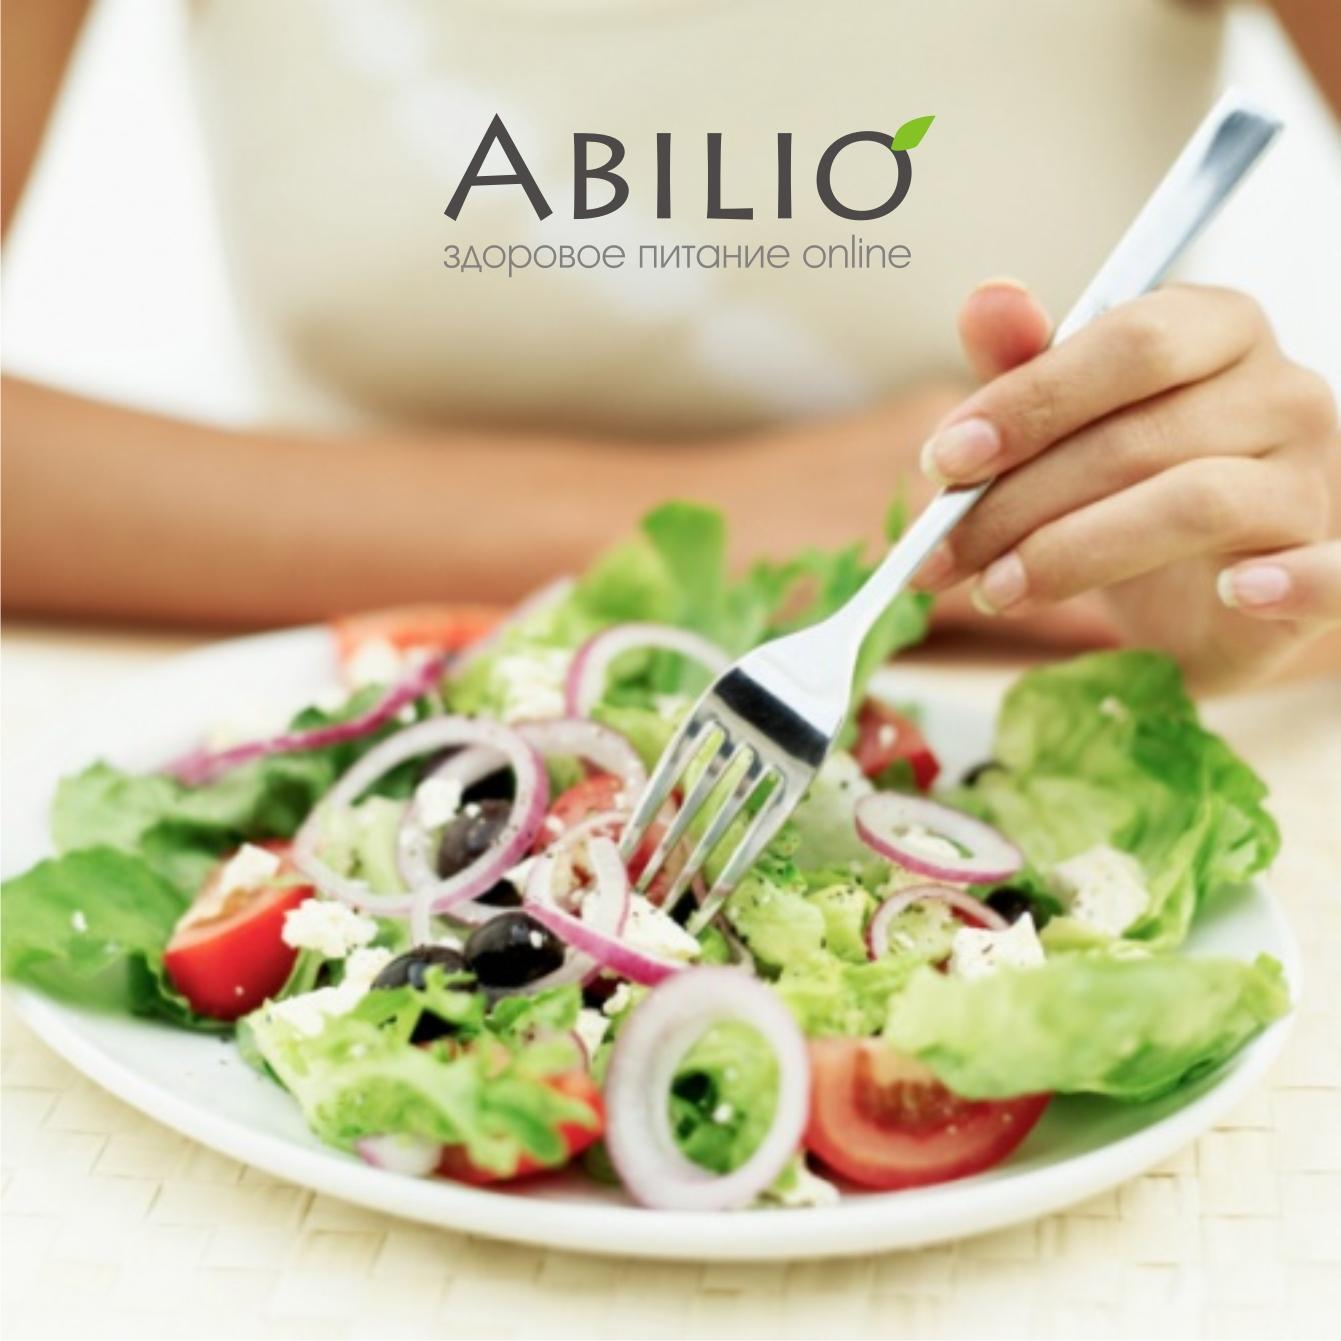 """Логотип для интернет-магазина здорового питания """"Аbilio"""""""